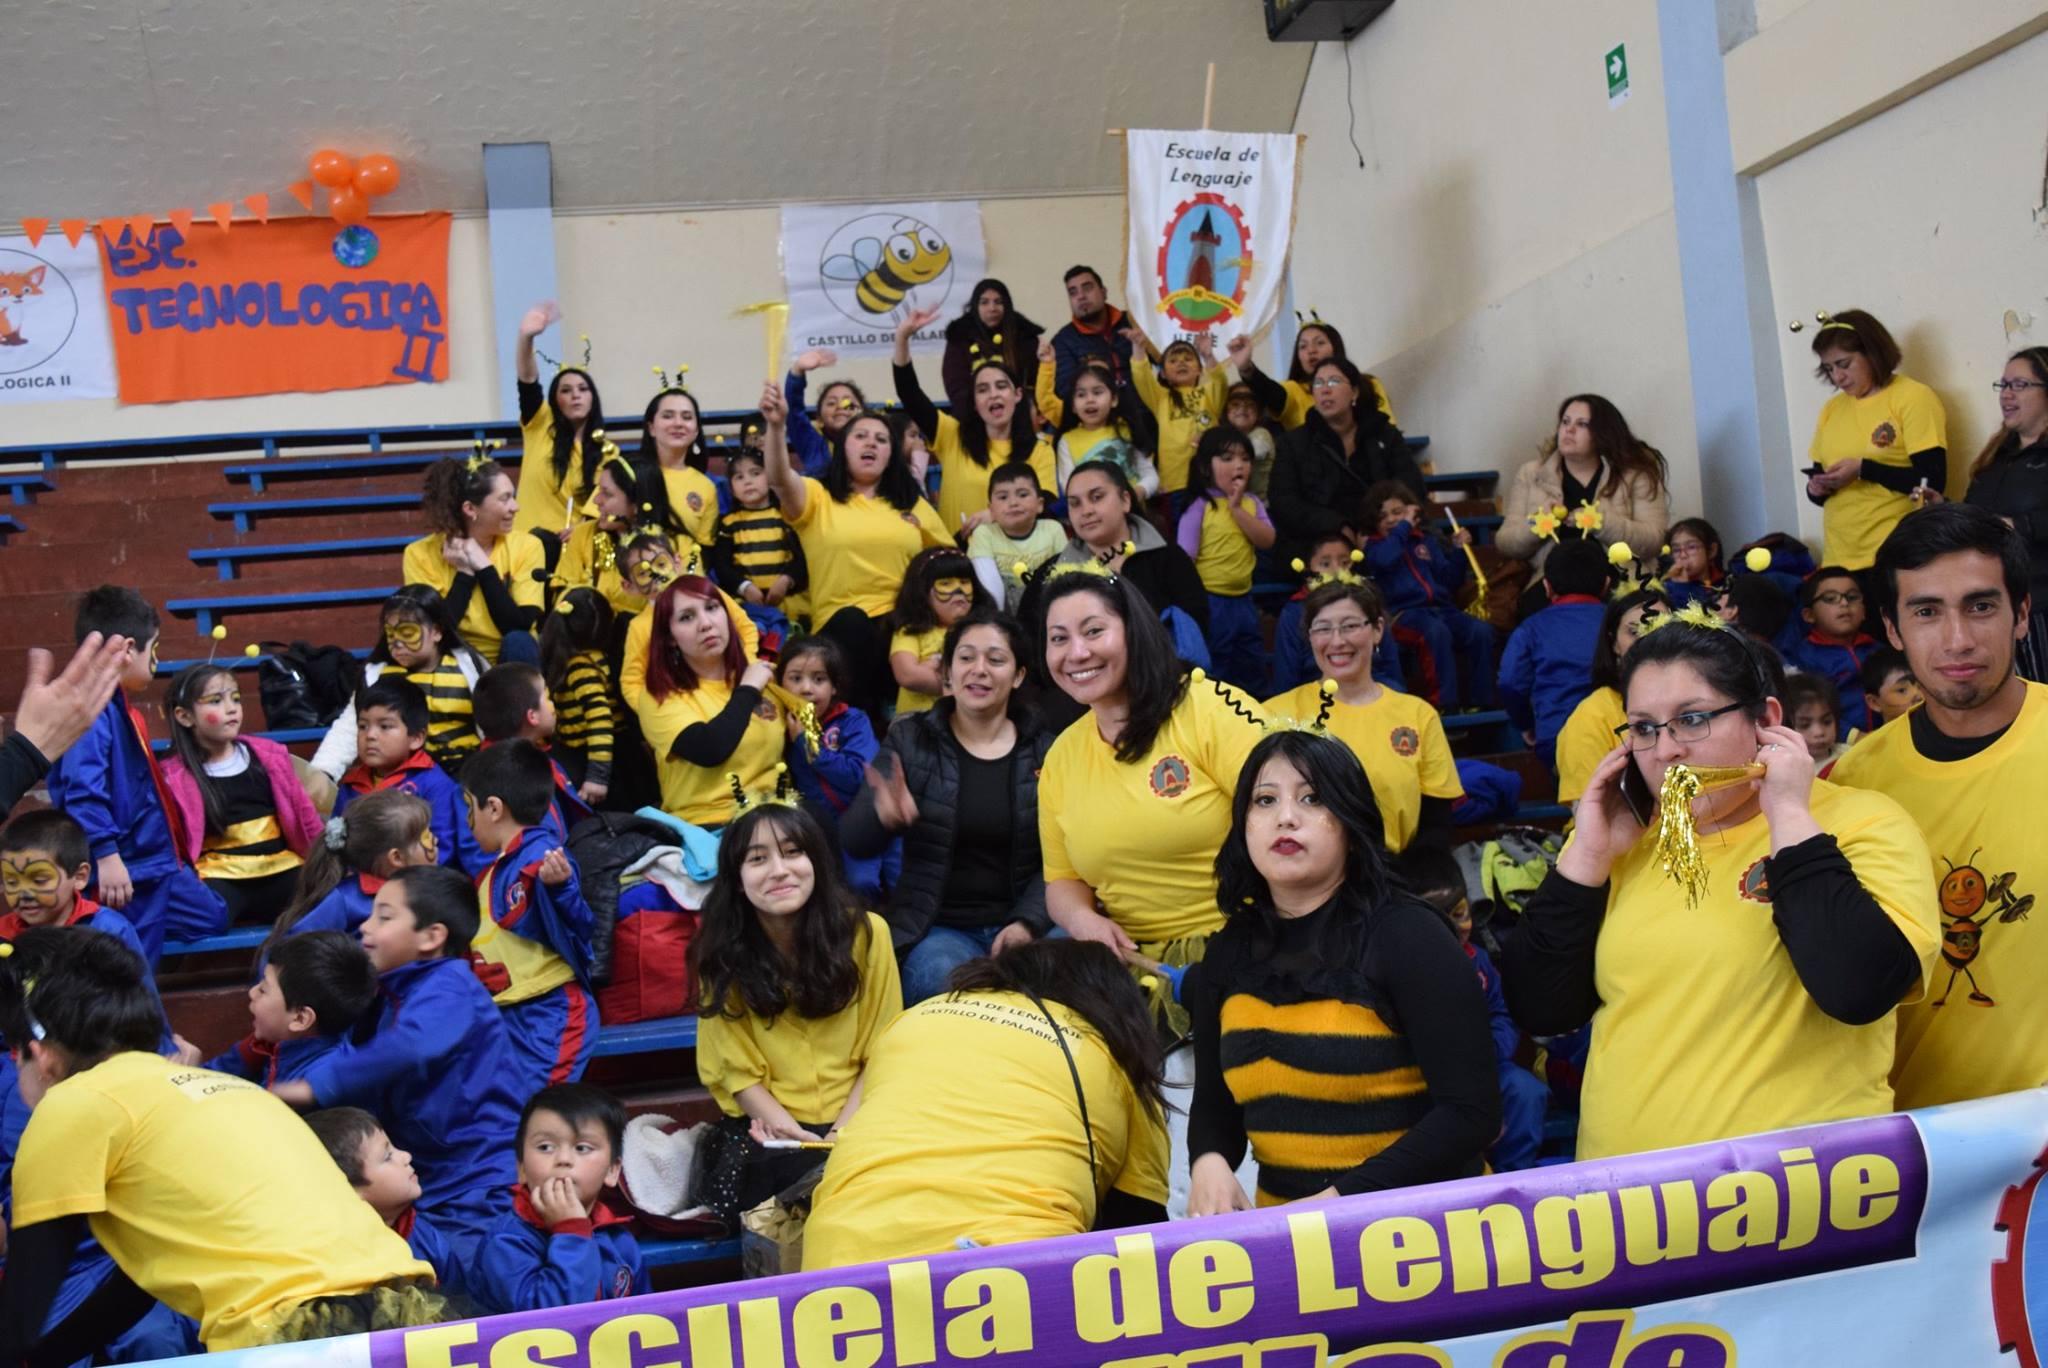 Campeonato deportivo escuelas de lenguaje - Diario Puerto Varas